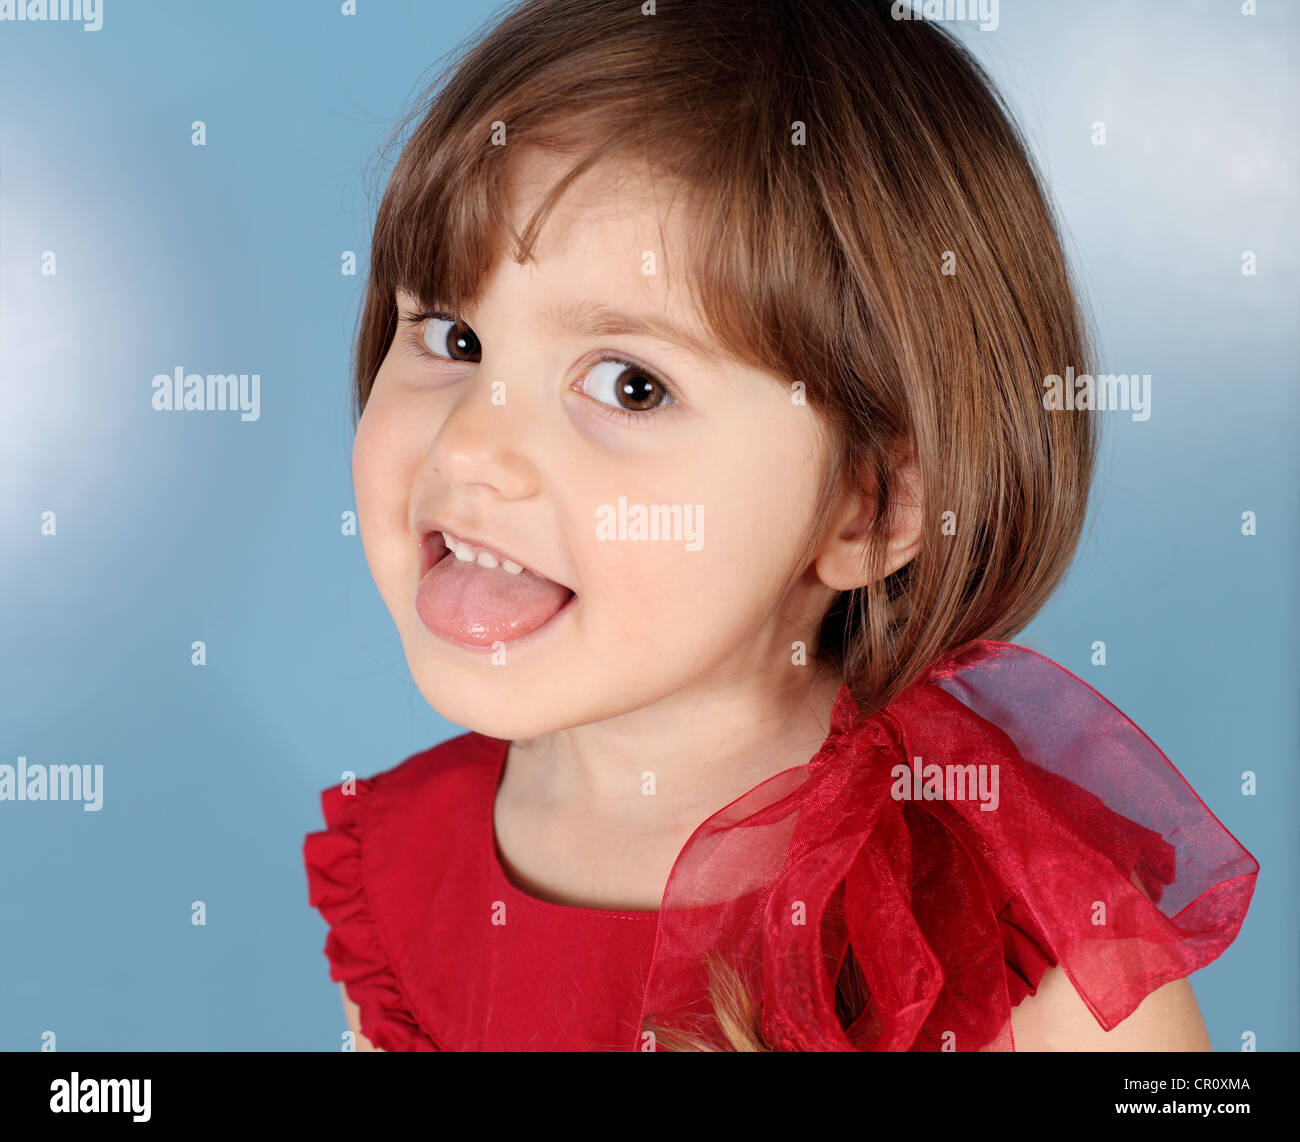 Little Women: Little Girl Tongue Out Stock Photos & Little Girl Tongue